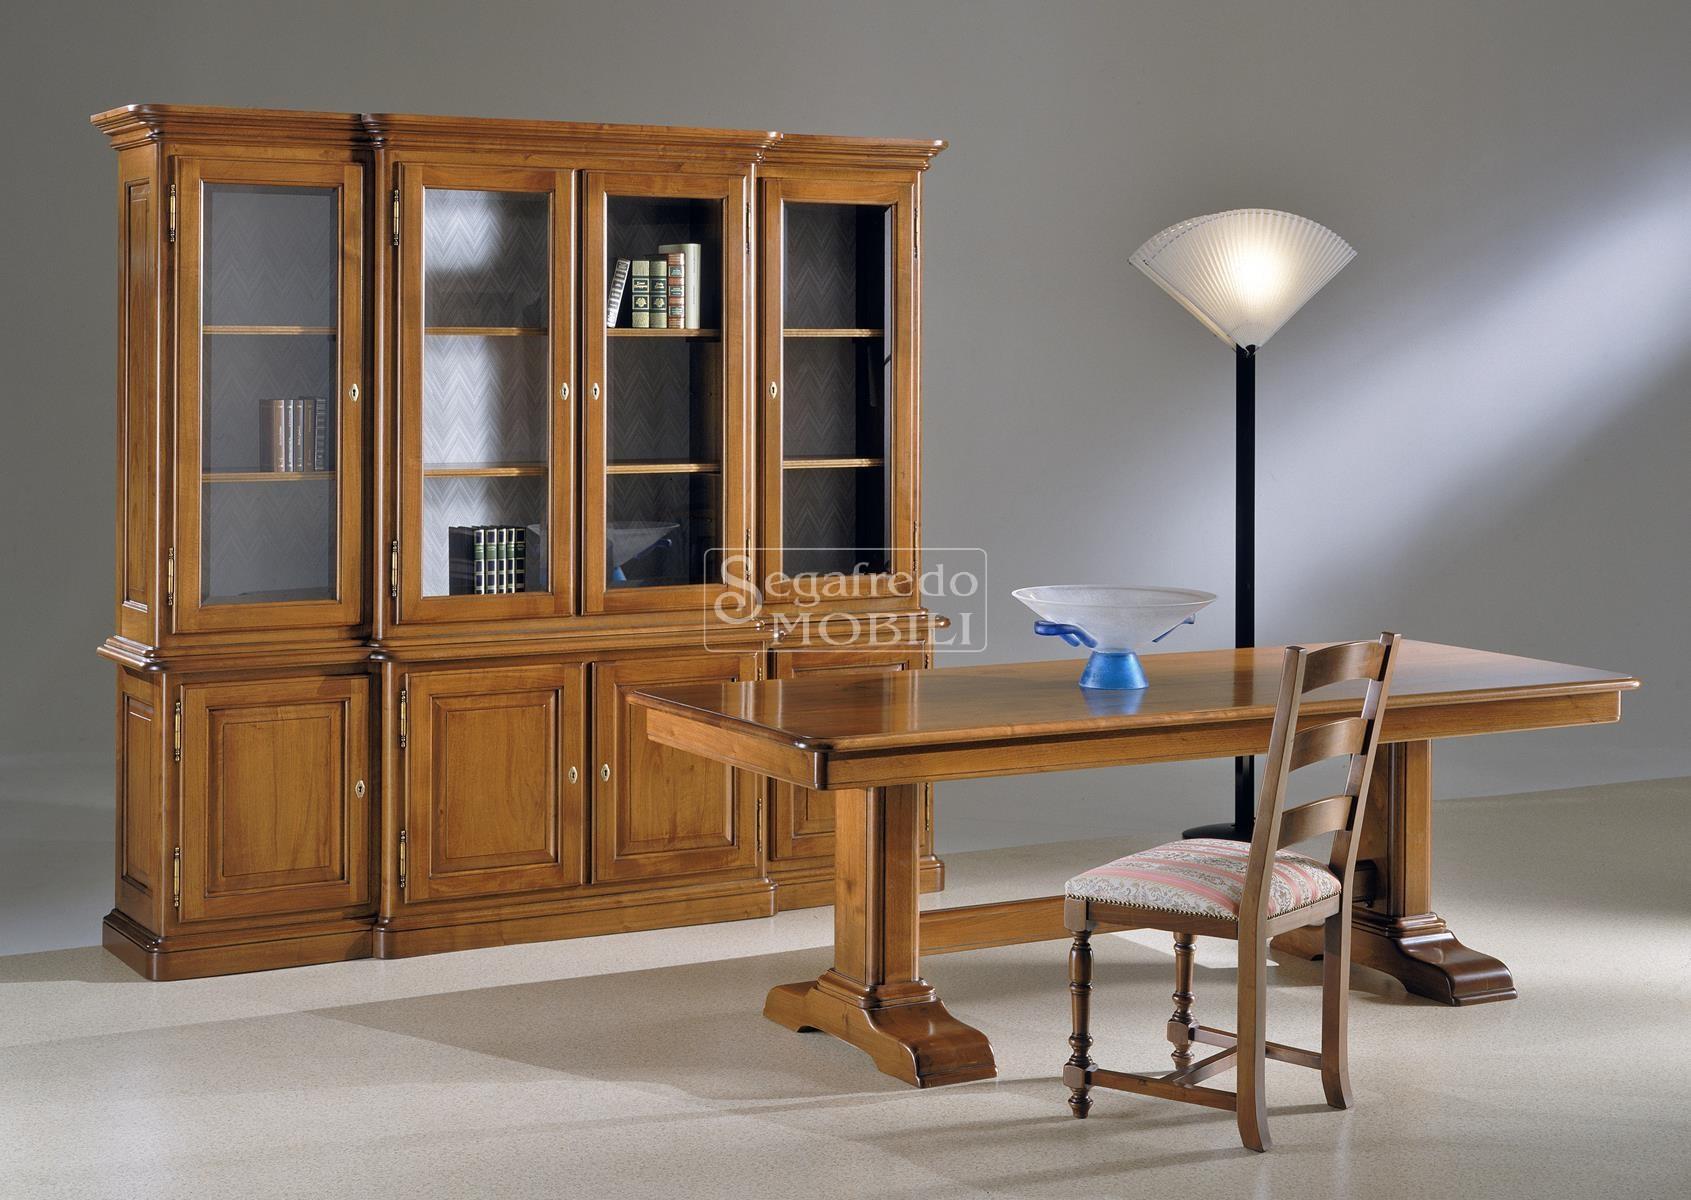 Credenza Con Alzata Due Ante : Credenza in legno massello con alzata libreria cristalliera a 4 ante